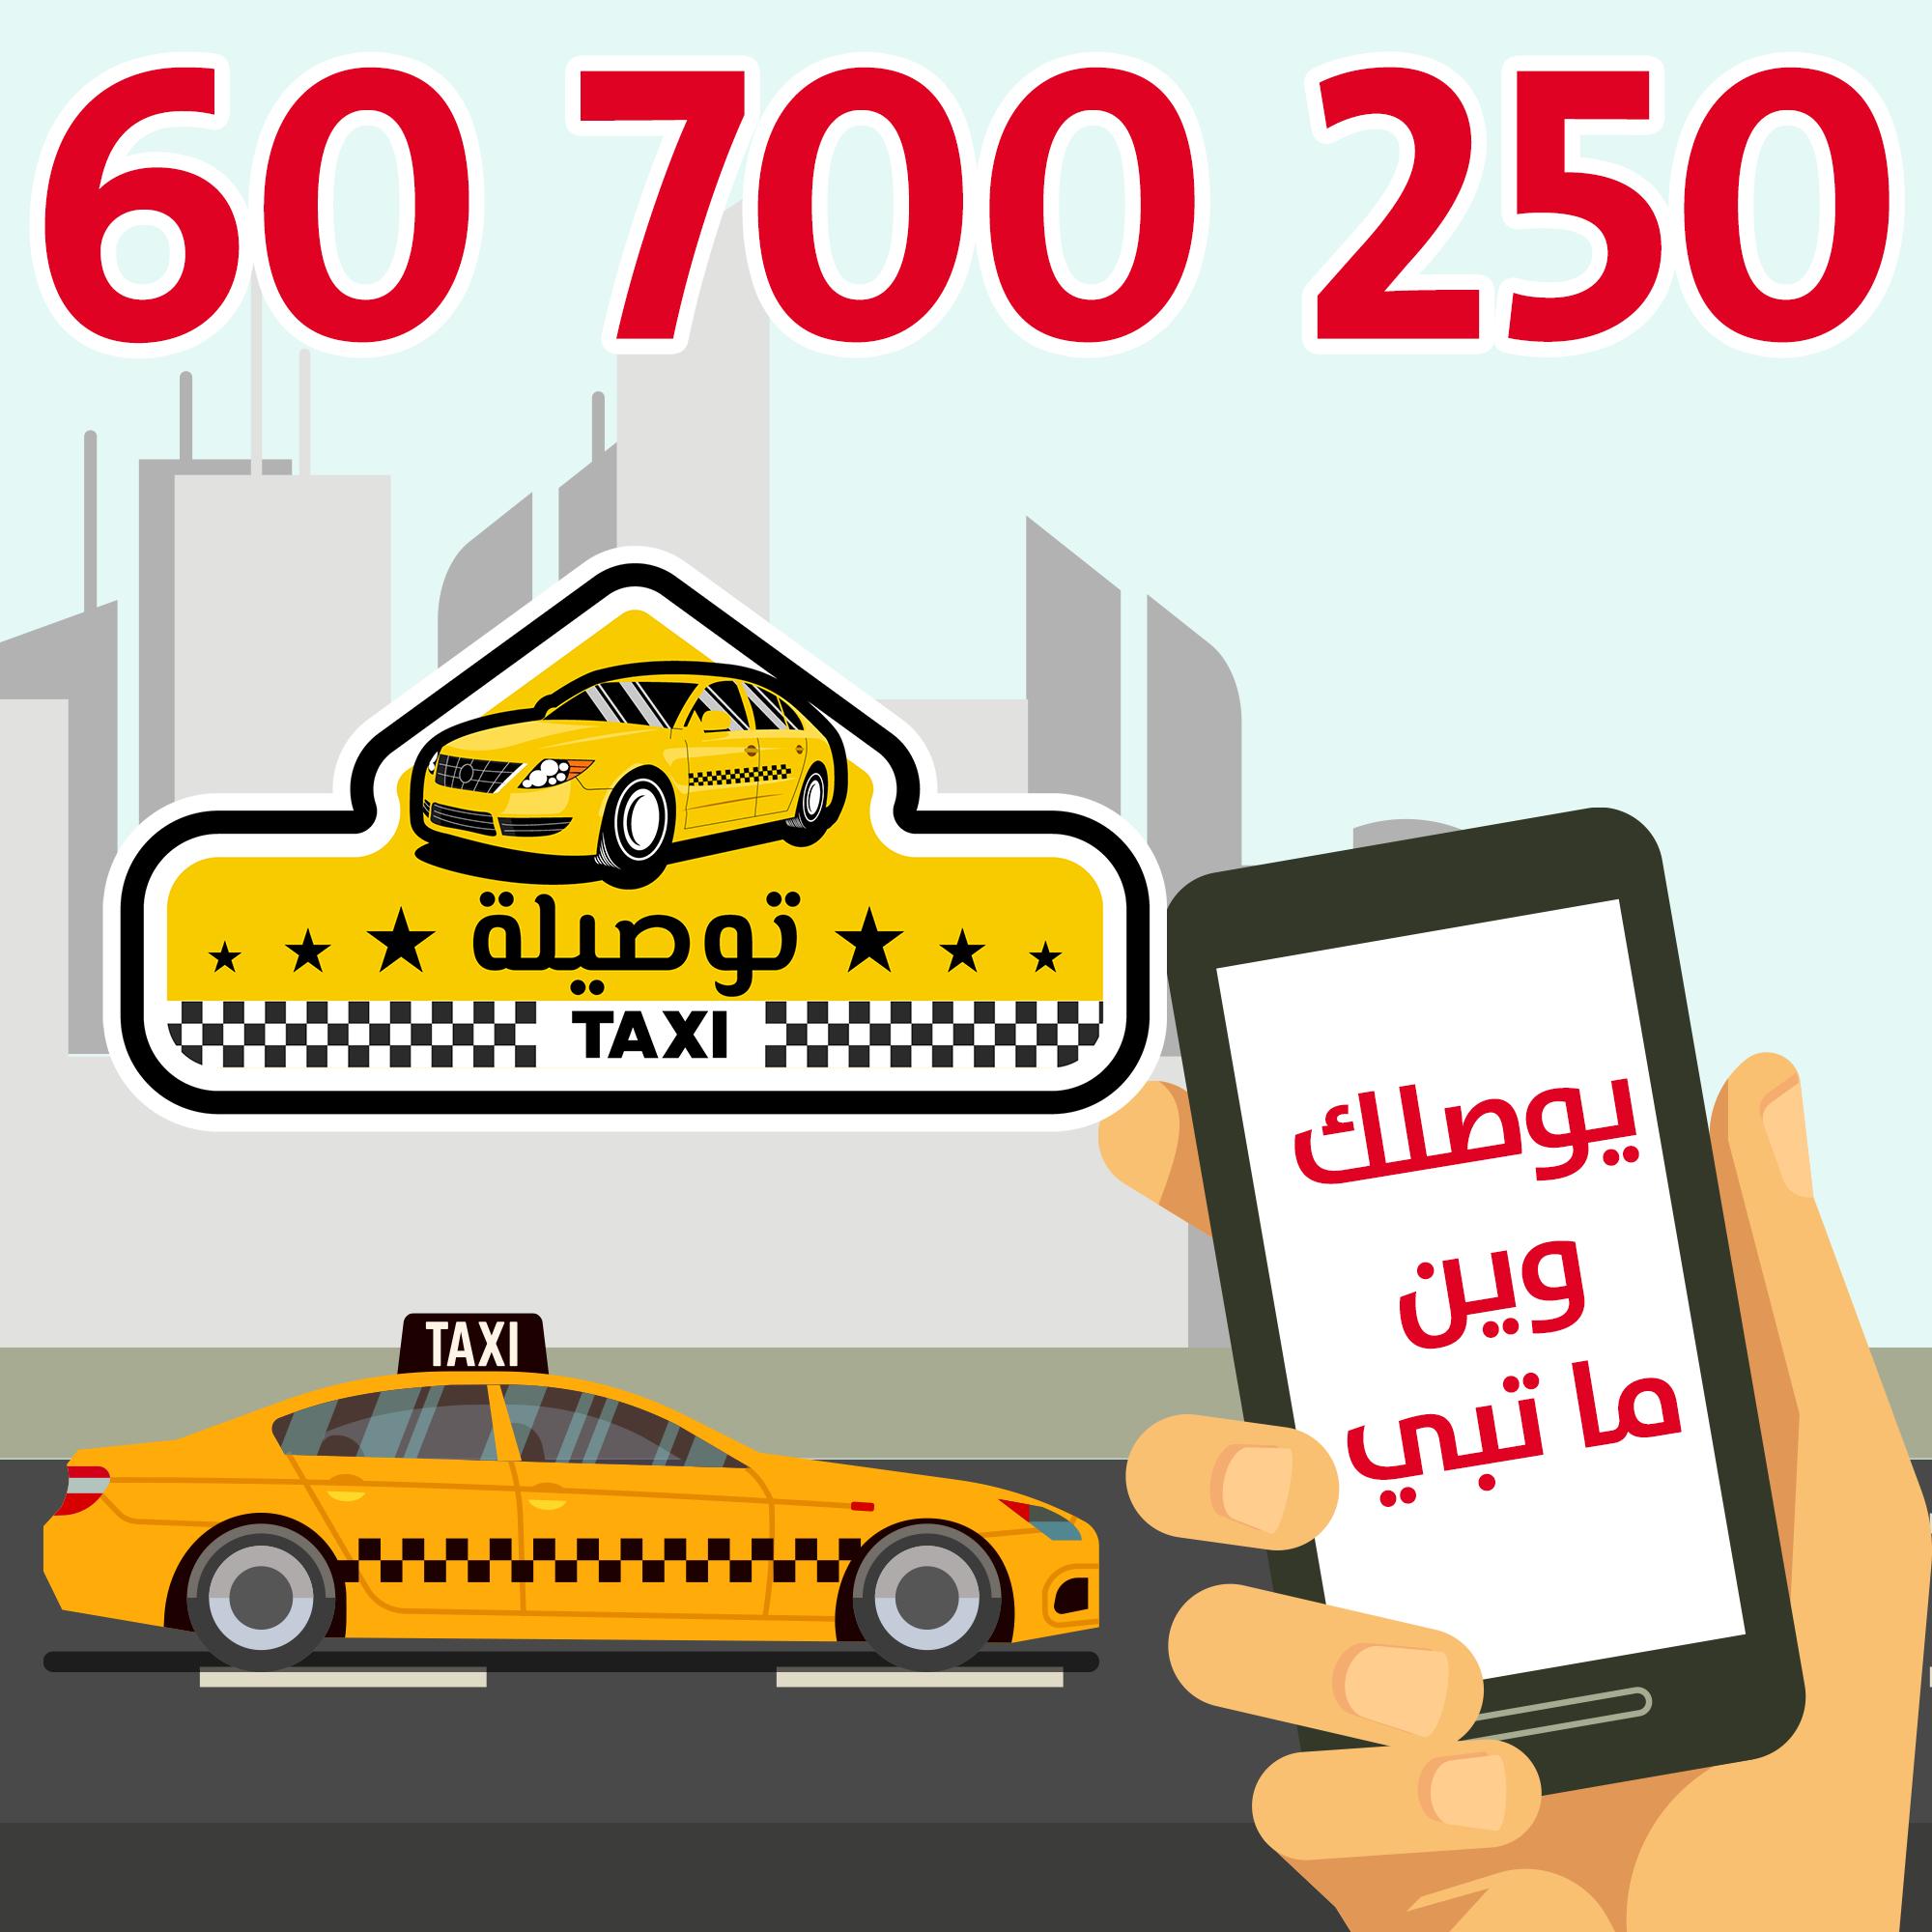 تاكسي توصيلة في شارع البحرين